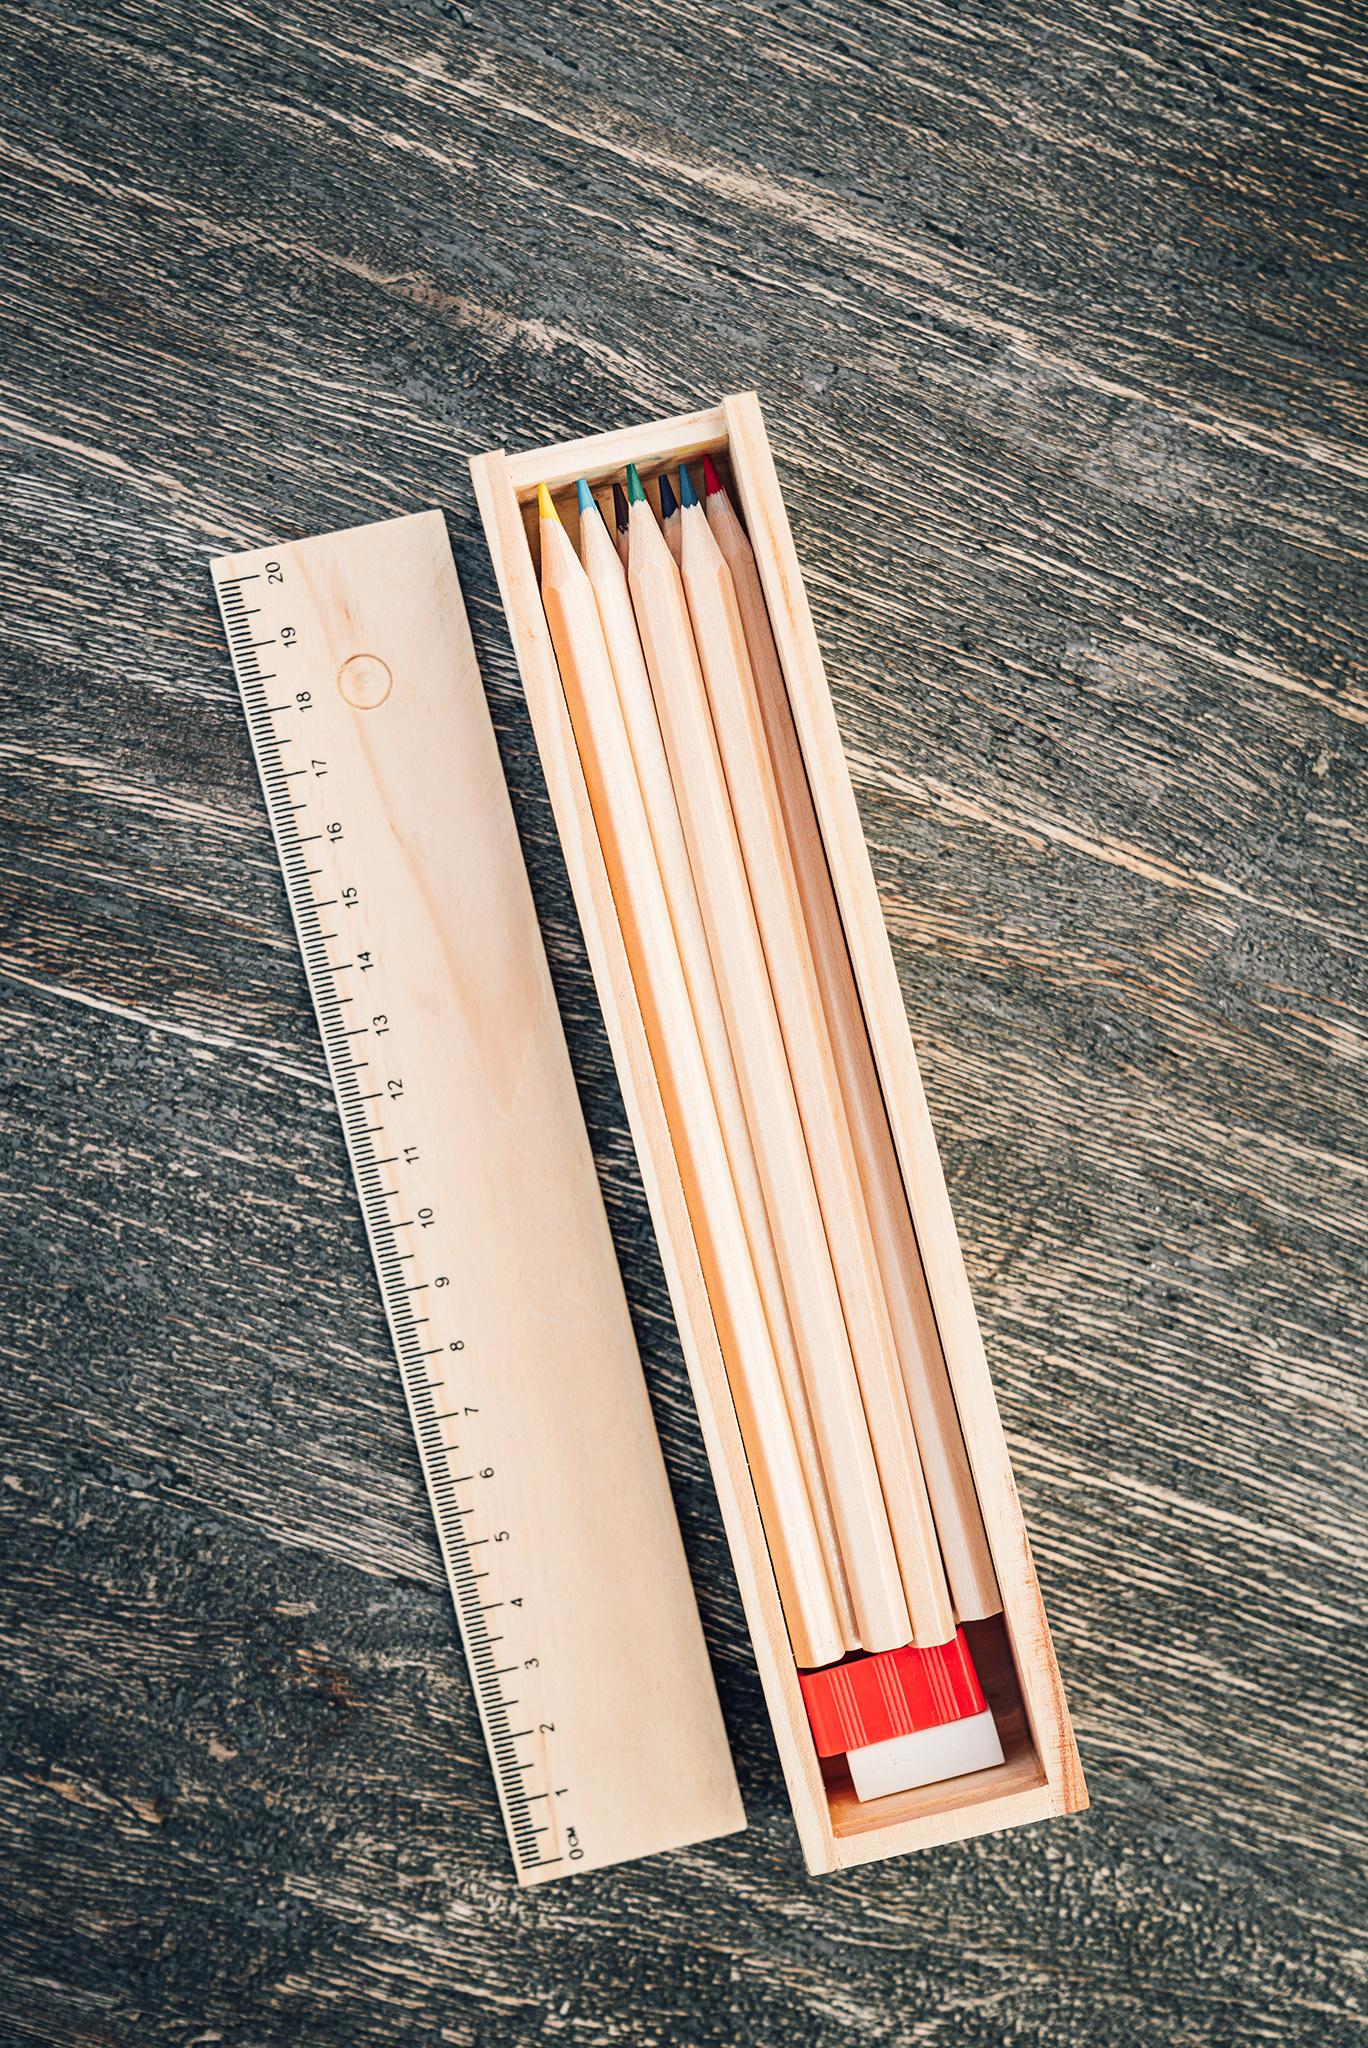 12 Kleurpotloden in liniaaldoosje  & kleurboekje